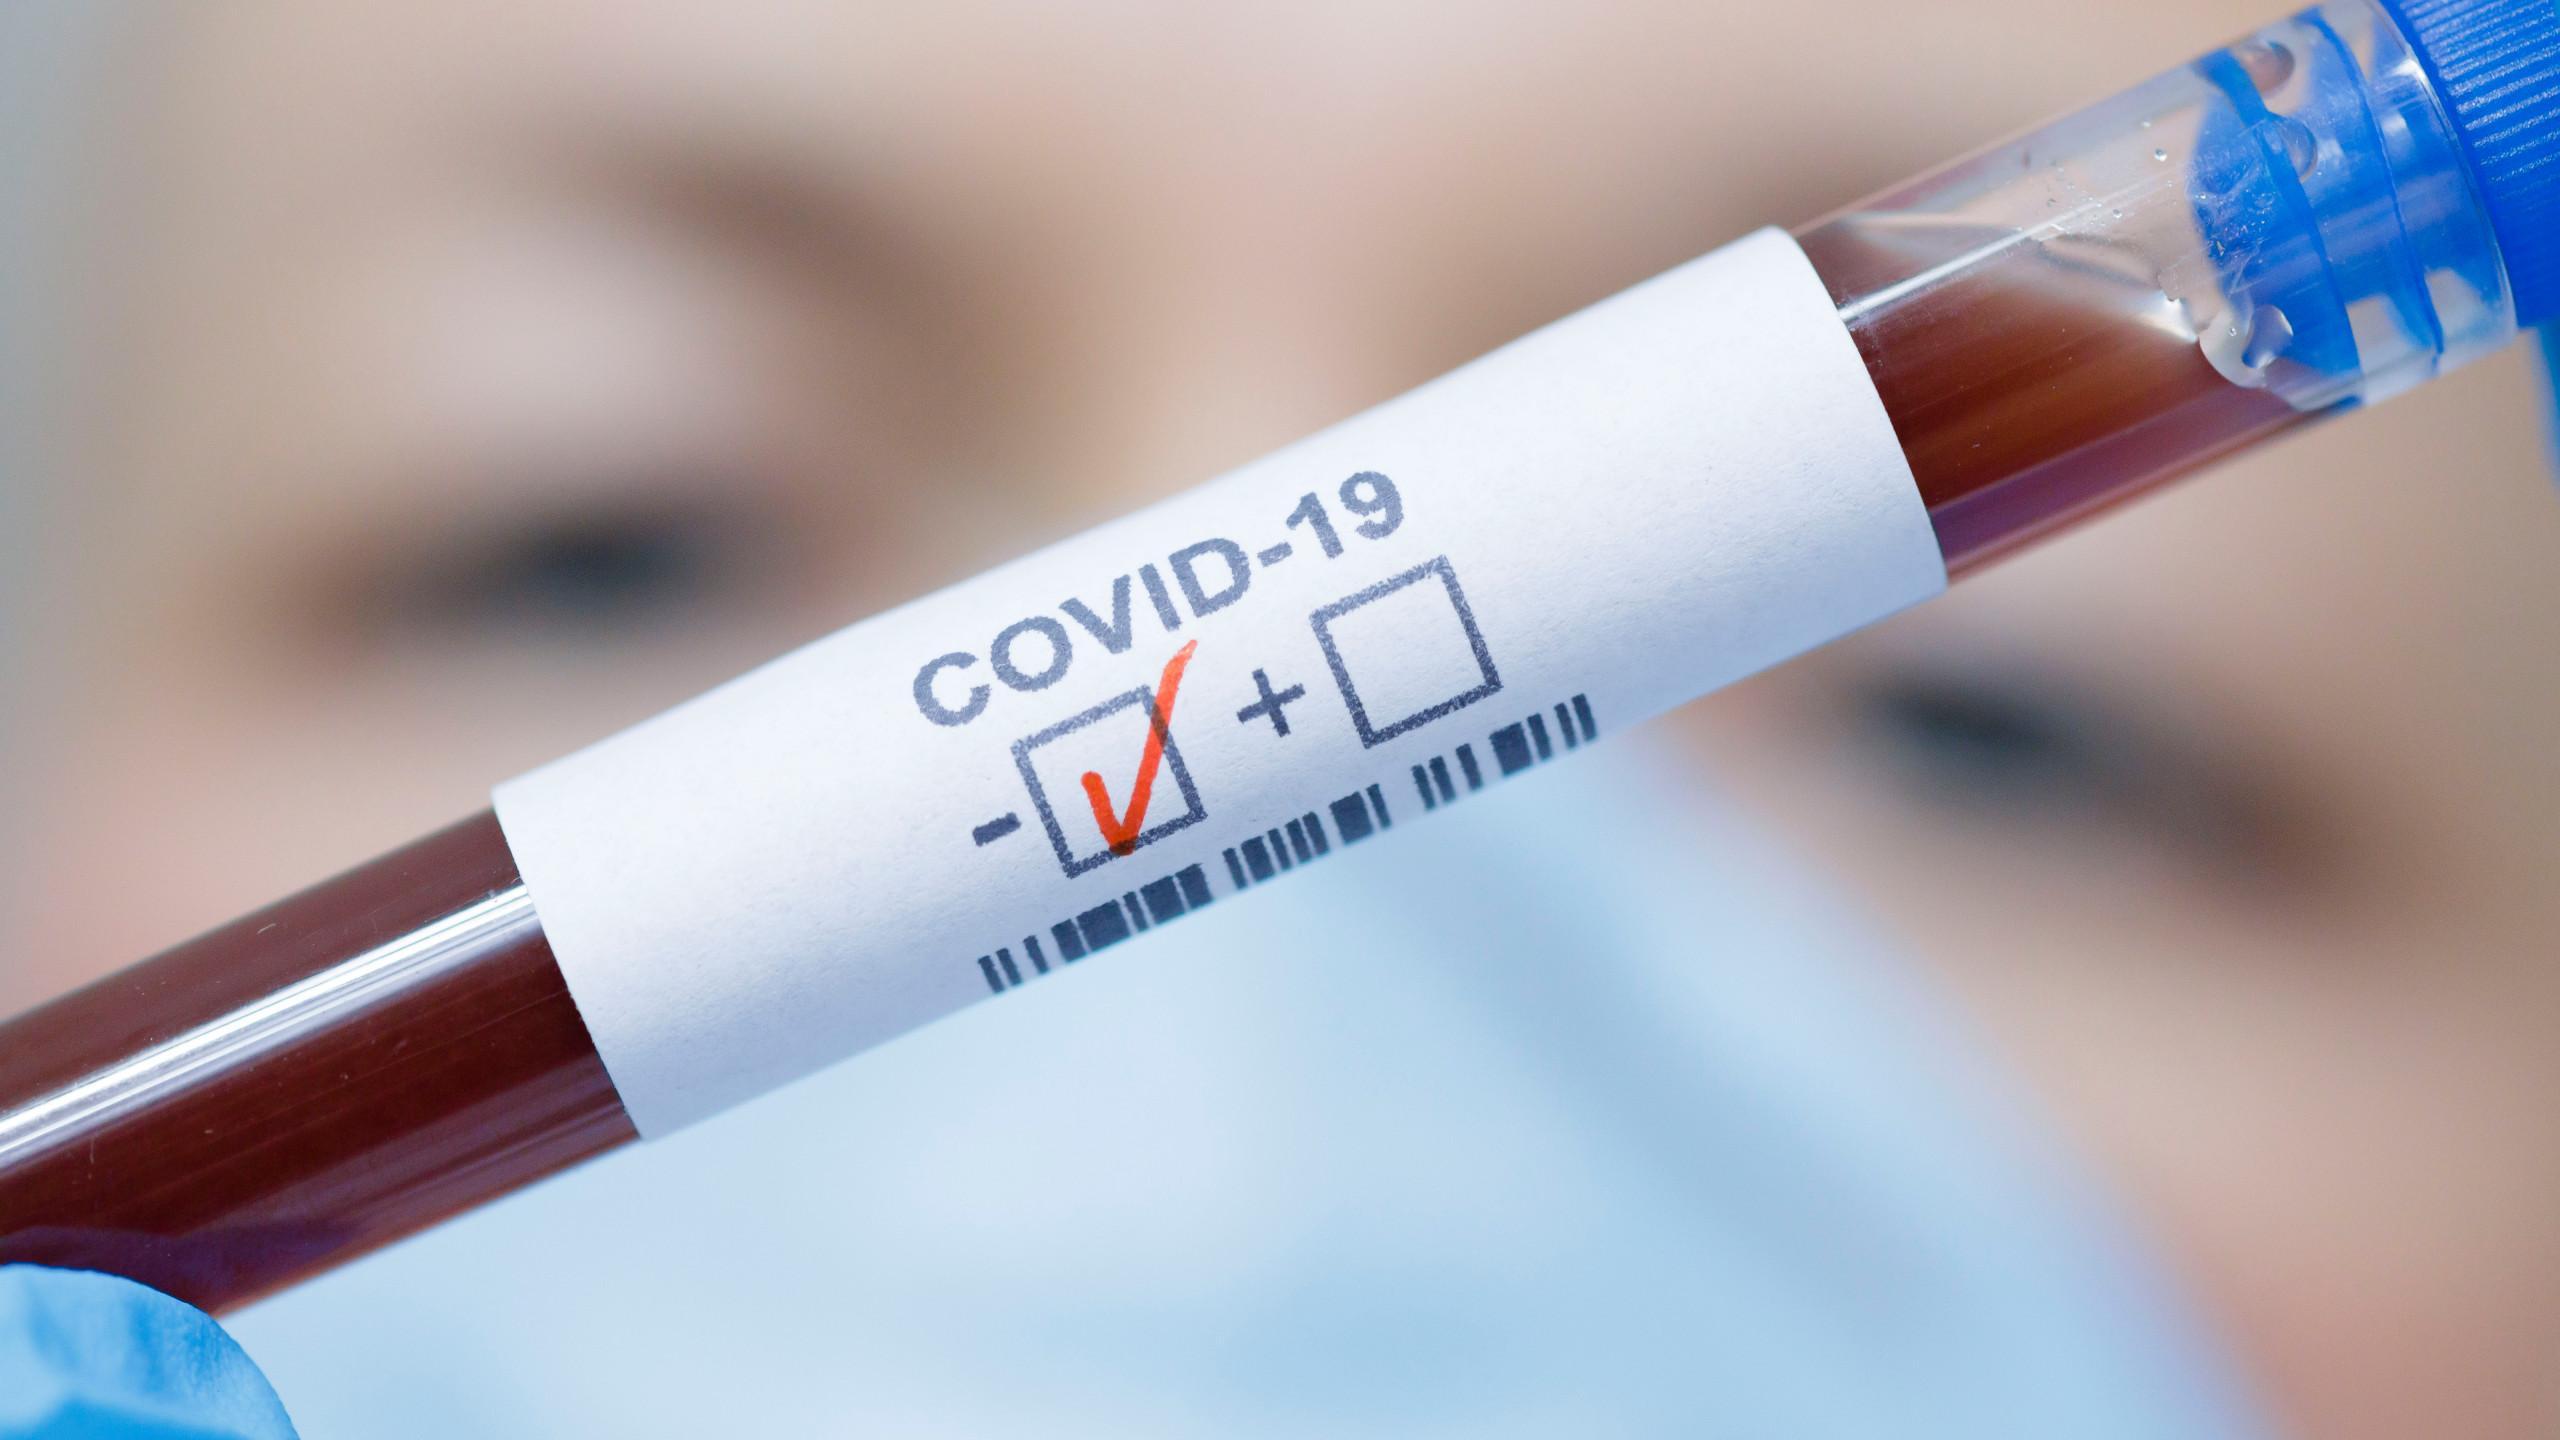 Антитела пациента после «атипичной пневмонии» нейтрализовали коронавирус SARS-CoV-2